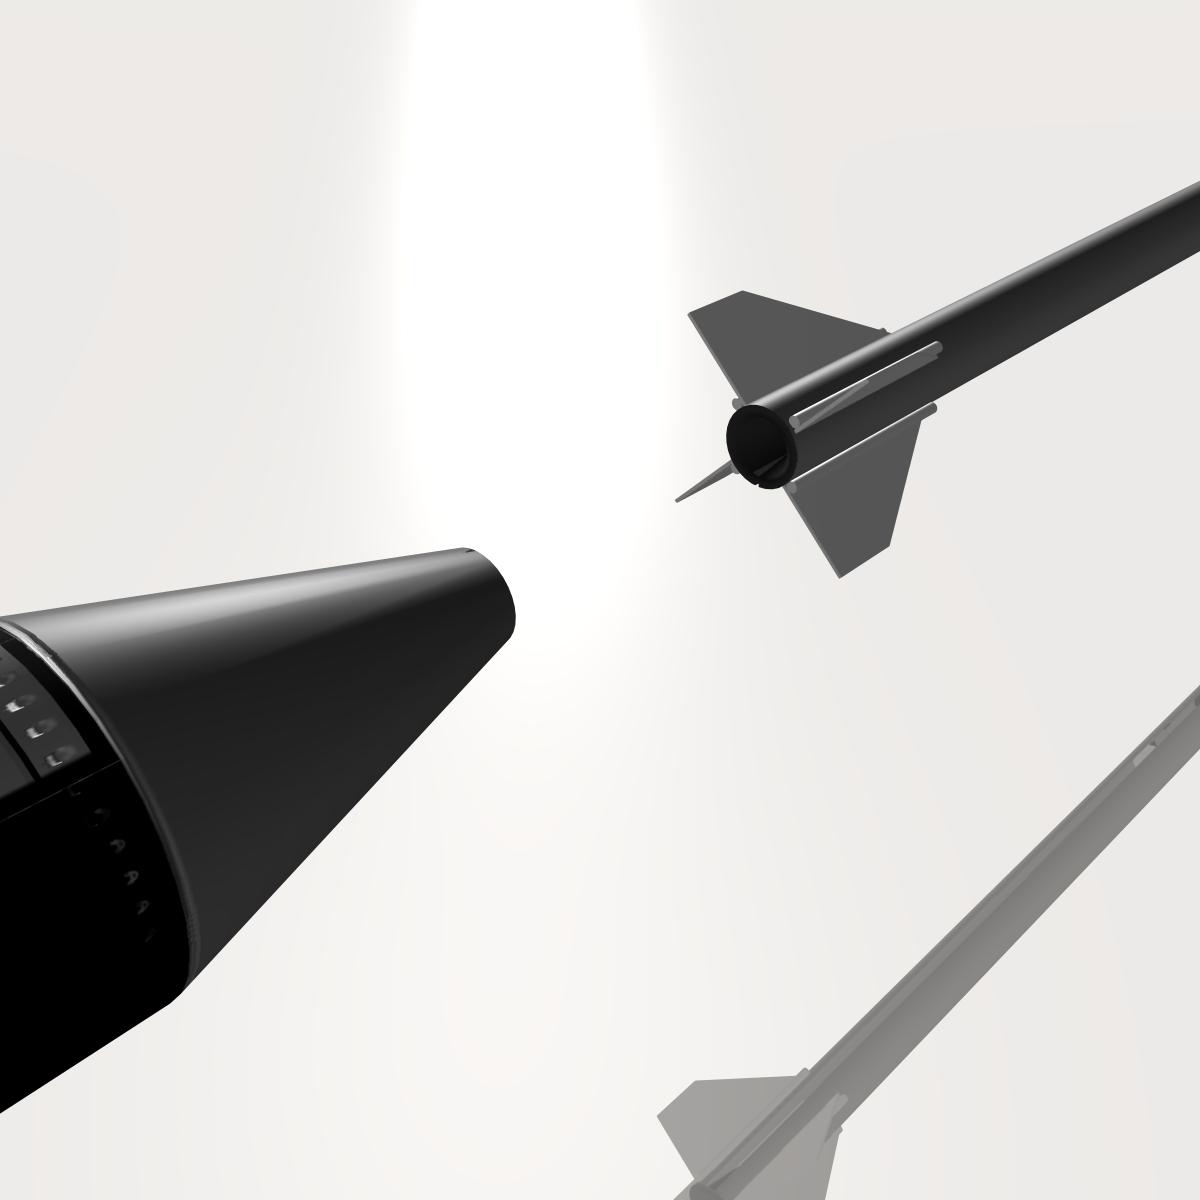 ni roced hopi dart 3d model 3ds dxf cob x obj 152653